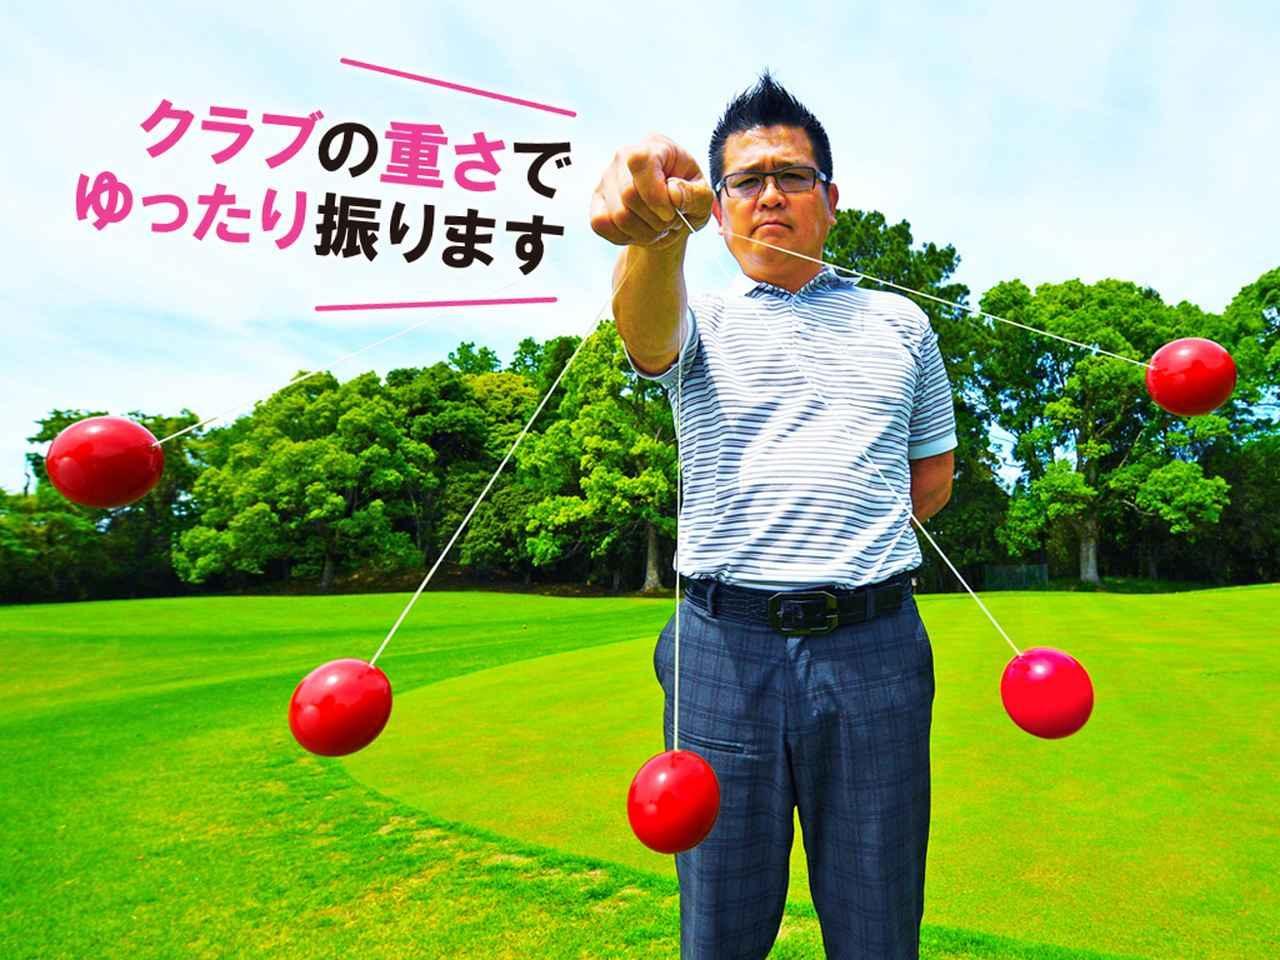 画像: 体で振ると振り子のストロークが長くなる。すると自然にゆっくり振れる